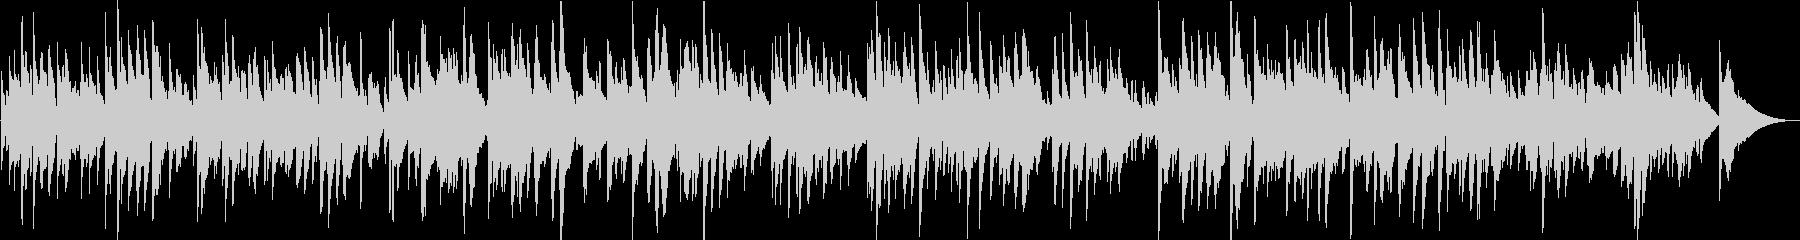 マイ・ボニー ハワイアンリラックスギターの未再生の波形